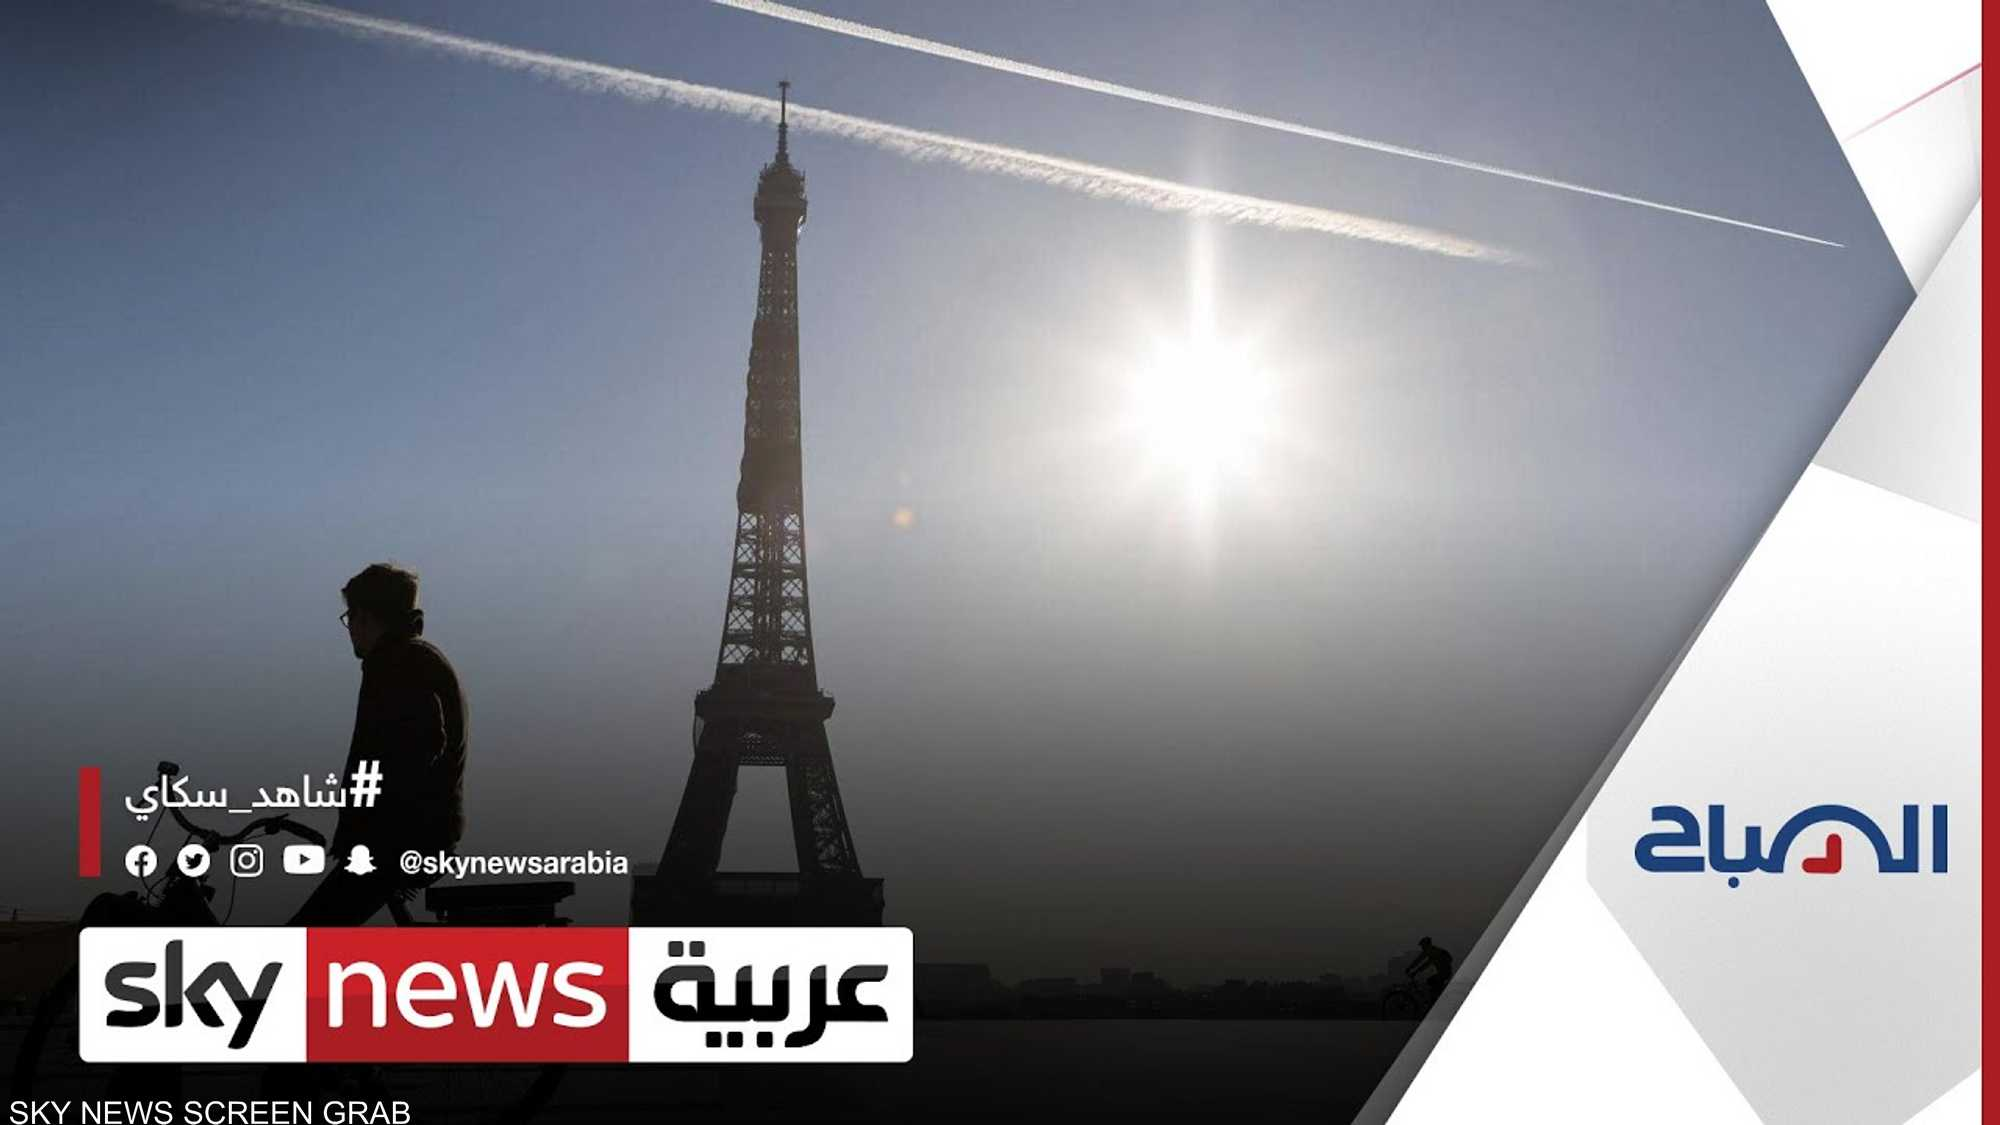 كيف سترفع فرنسا حالة الإغلاق؟